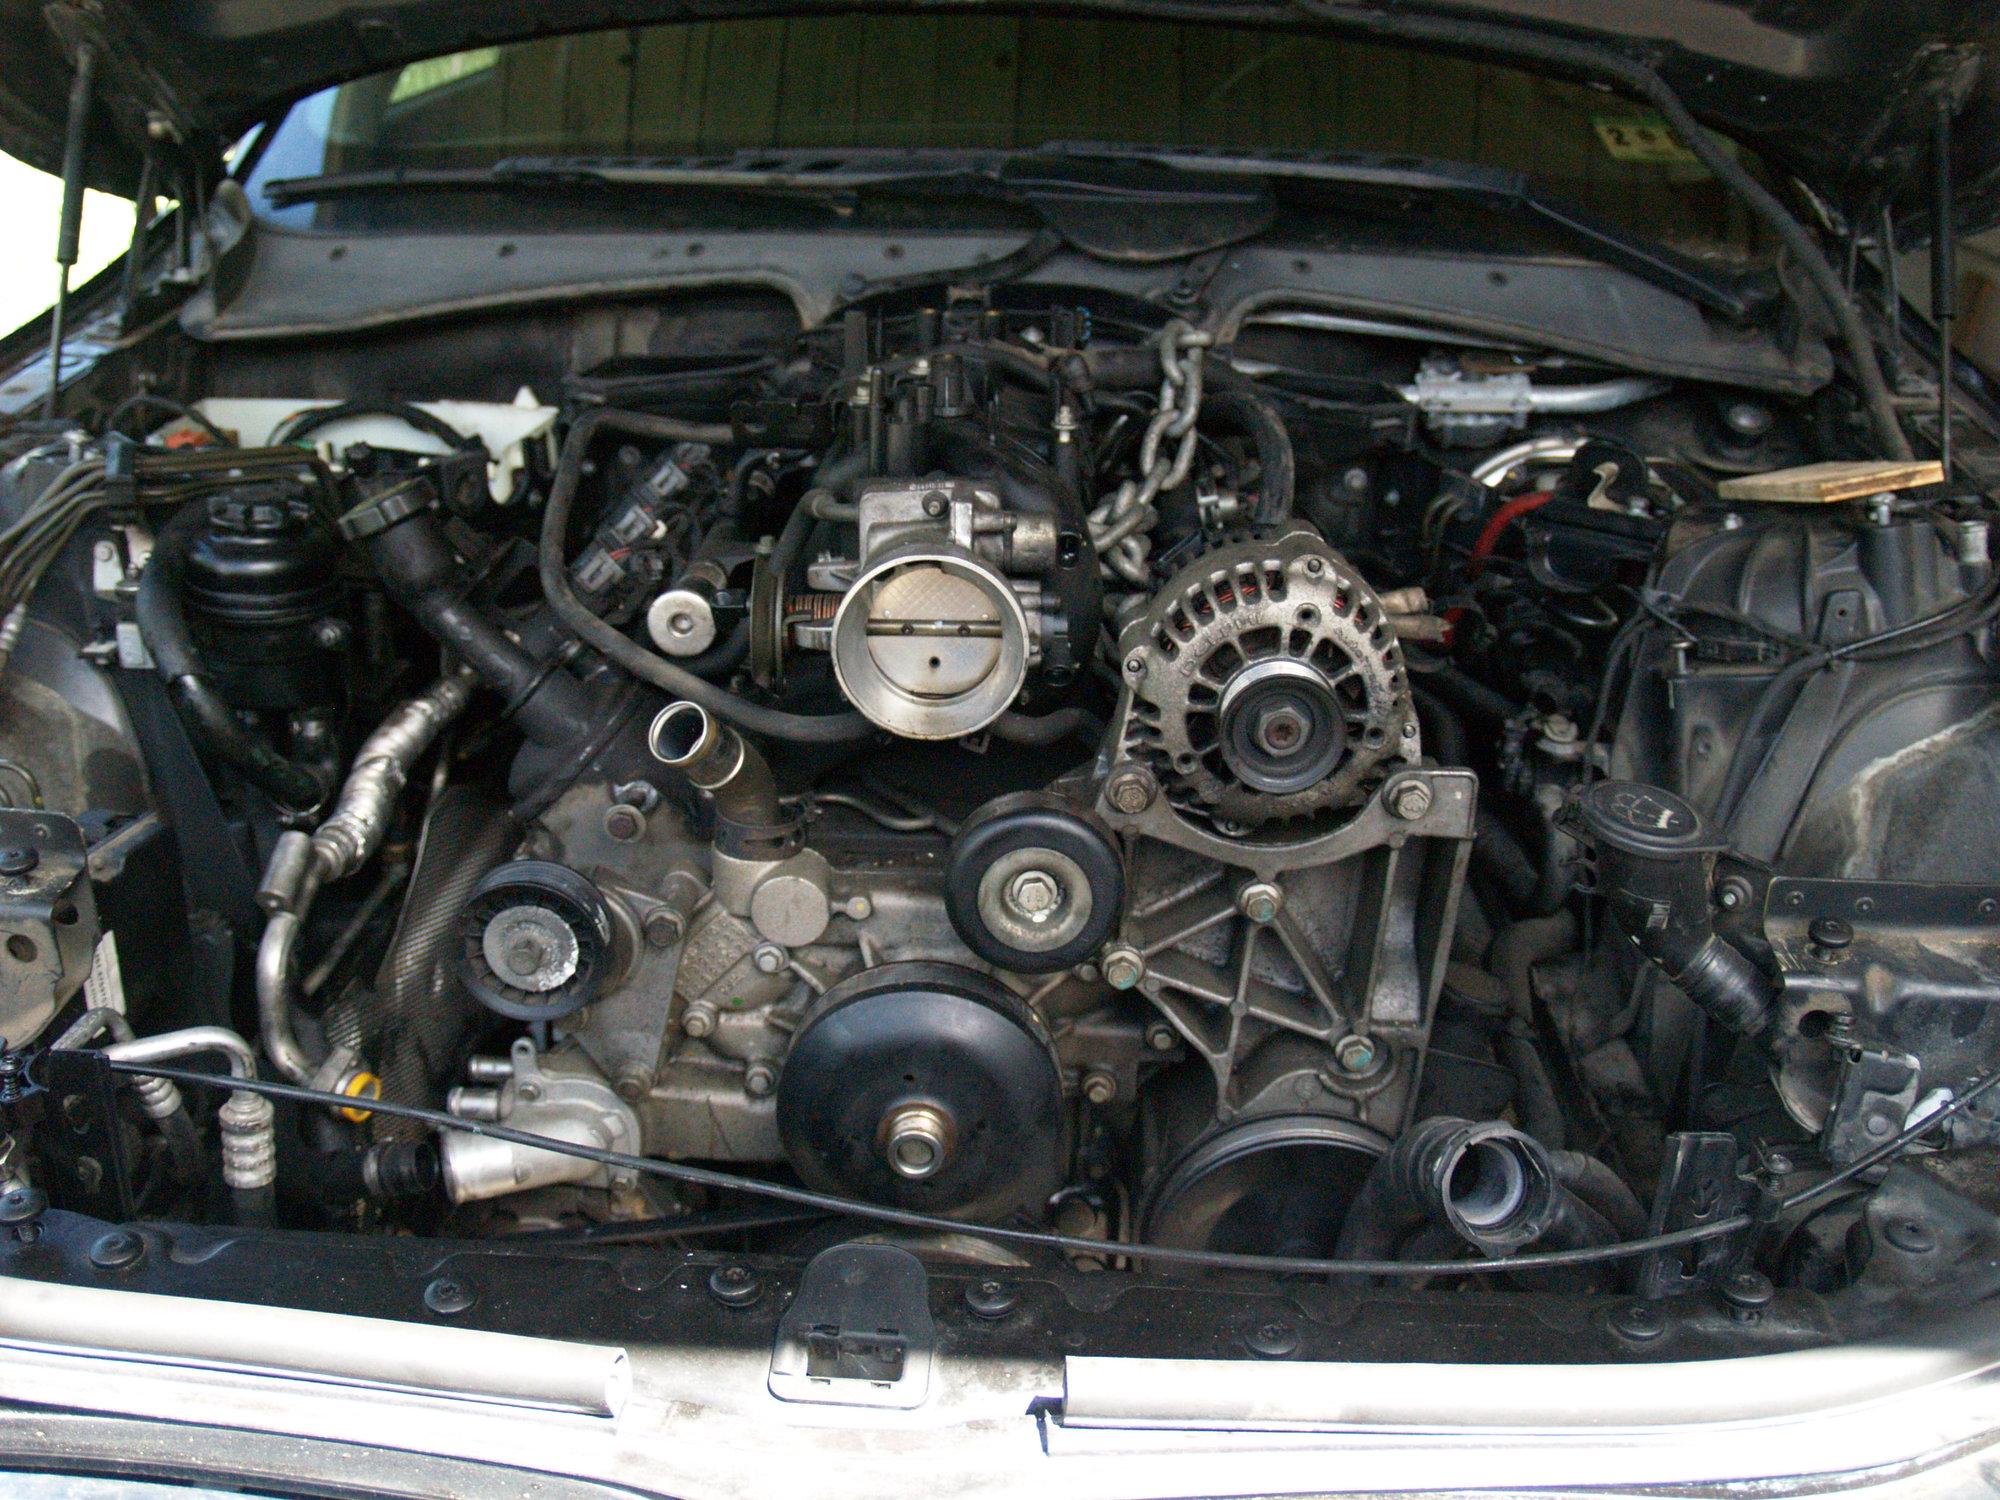 2006 bmw 745i engine swap